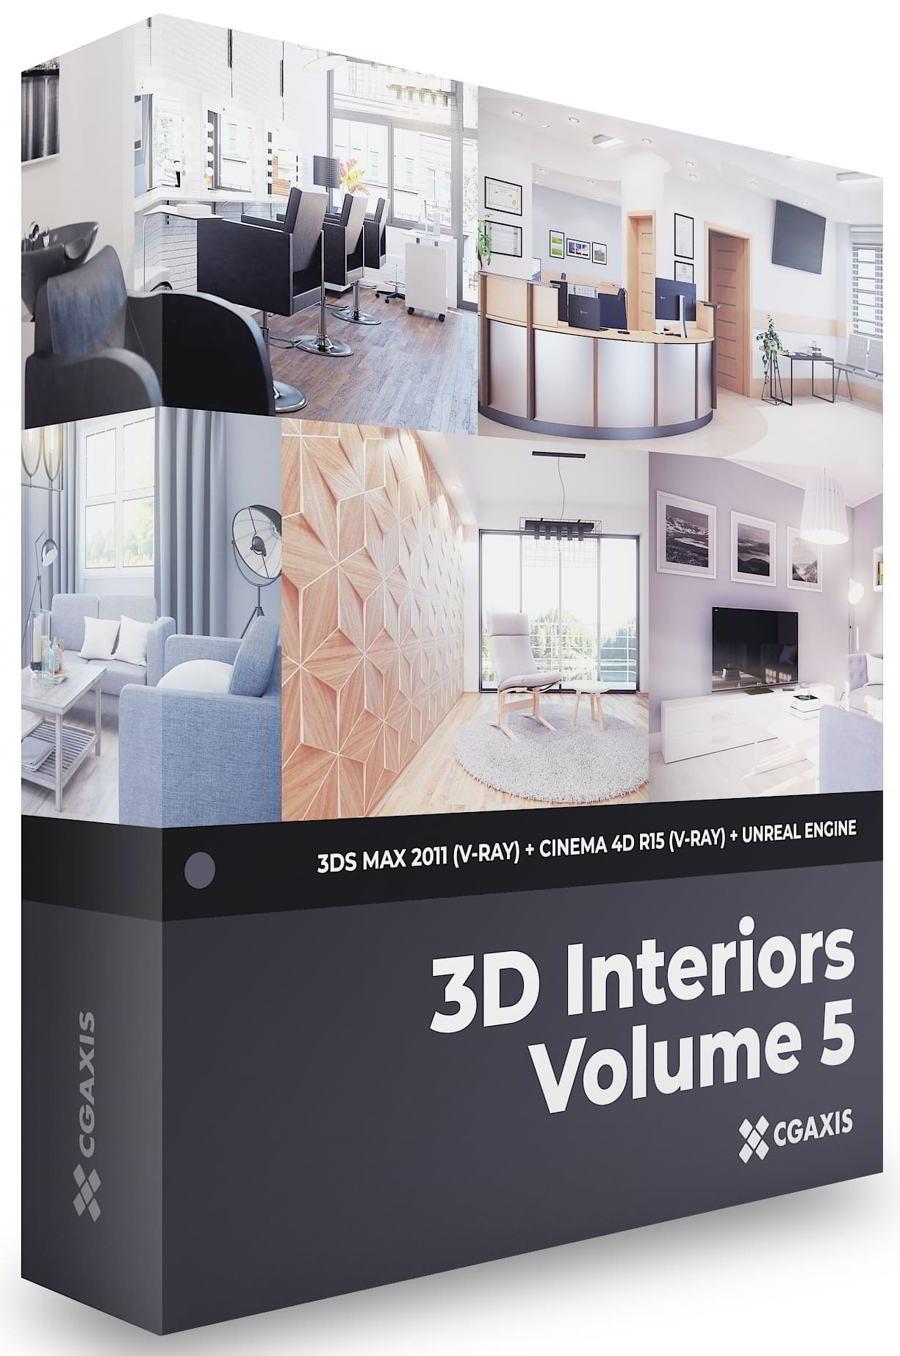 دانلود رایگان فایل دکوراسیون داخلی 3D Interiors – CGAxis Collection Volume 5